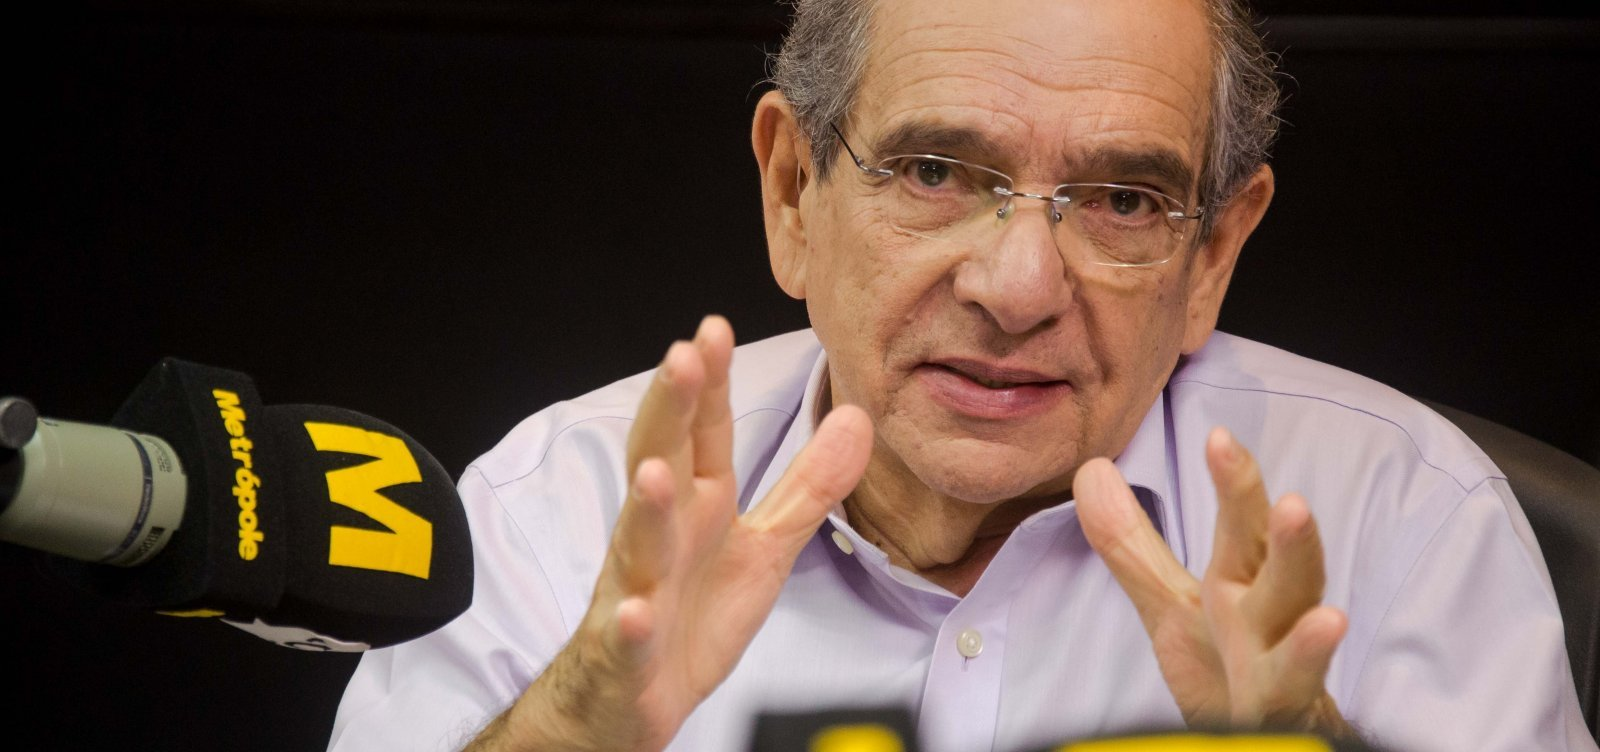 [MK elogia postura de Maia e pede que Bolsonaro preze por clima de paz; ouça]